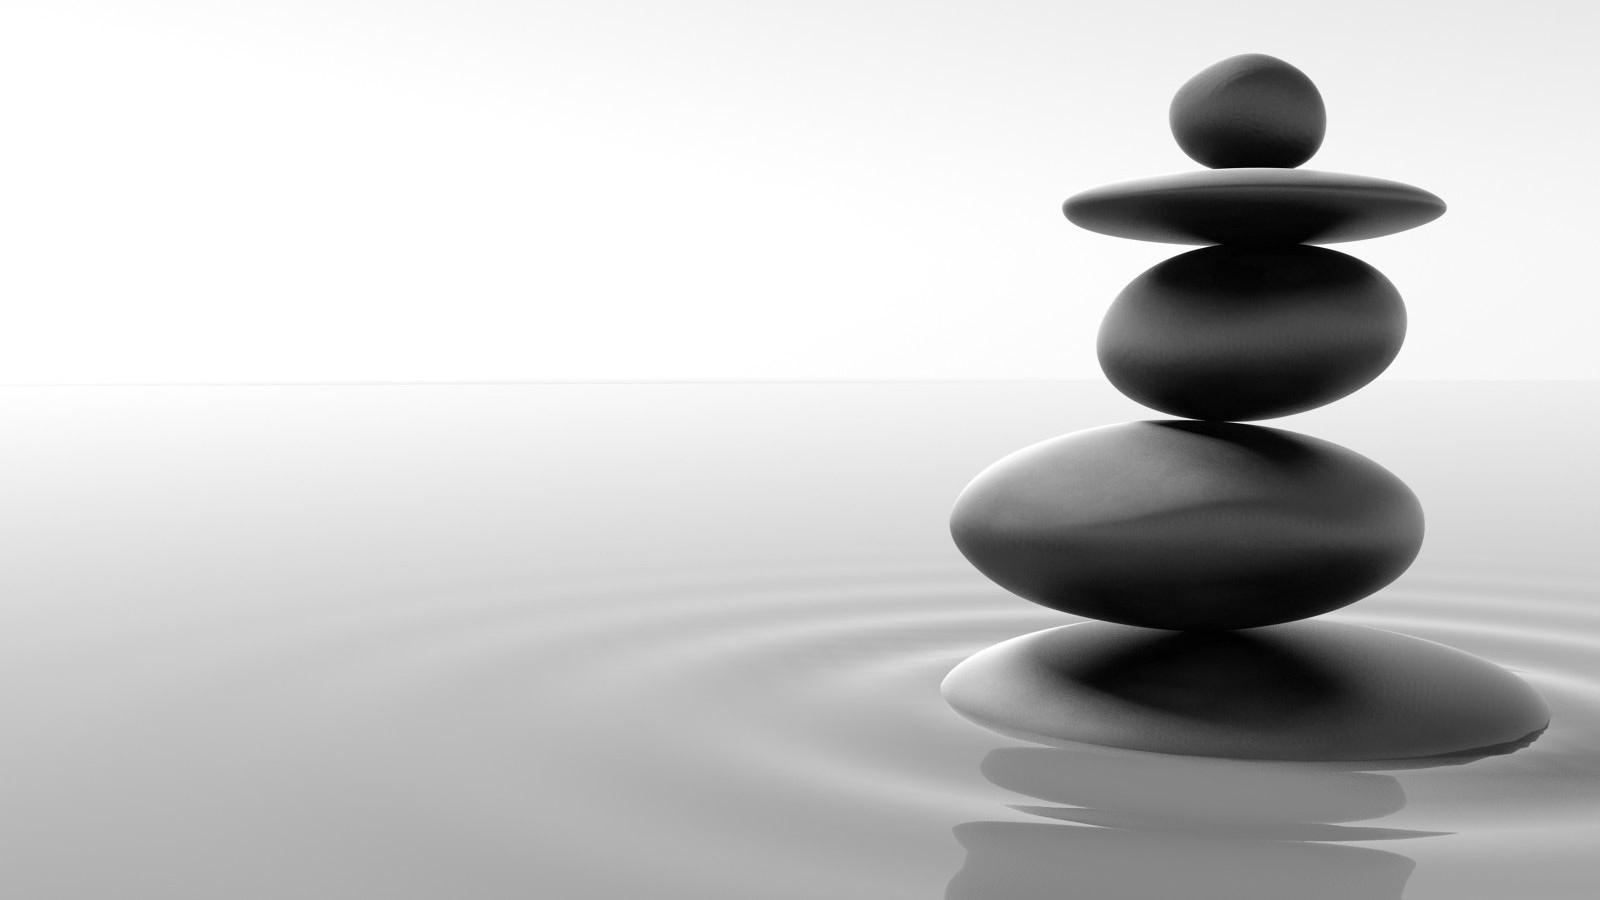 Zen Balance Wallpaper 1600x900 Zen Balance Pebbles 1600x900